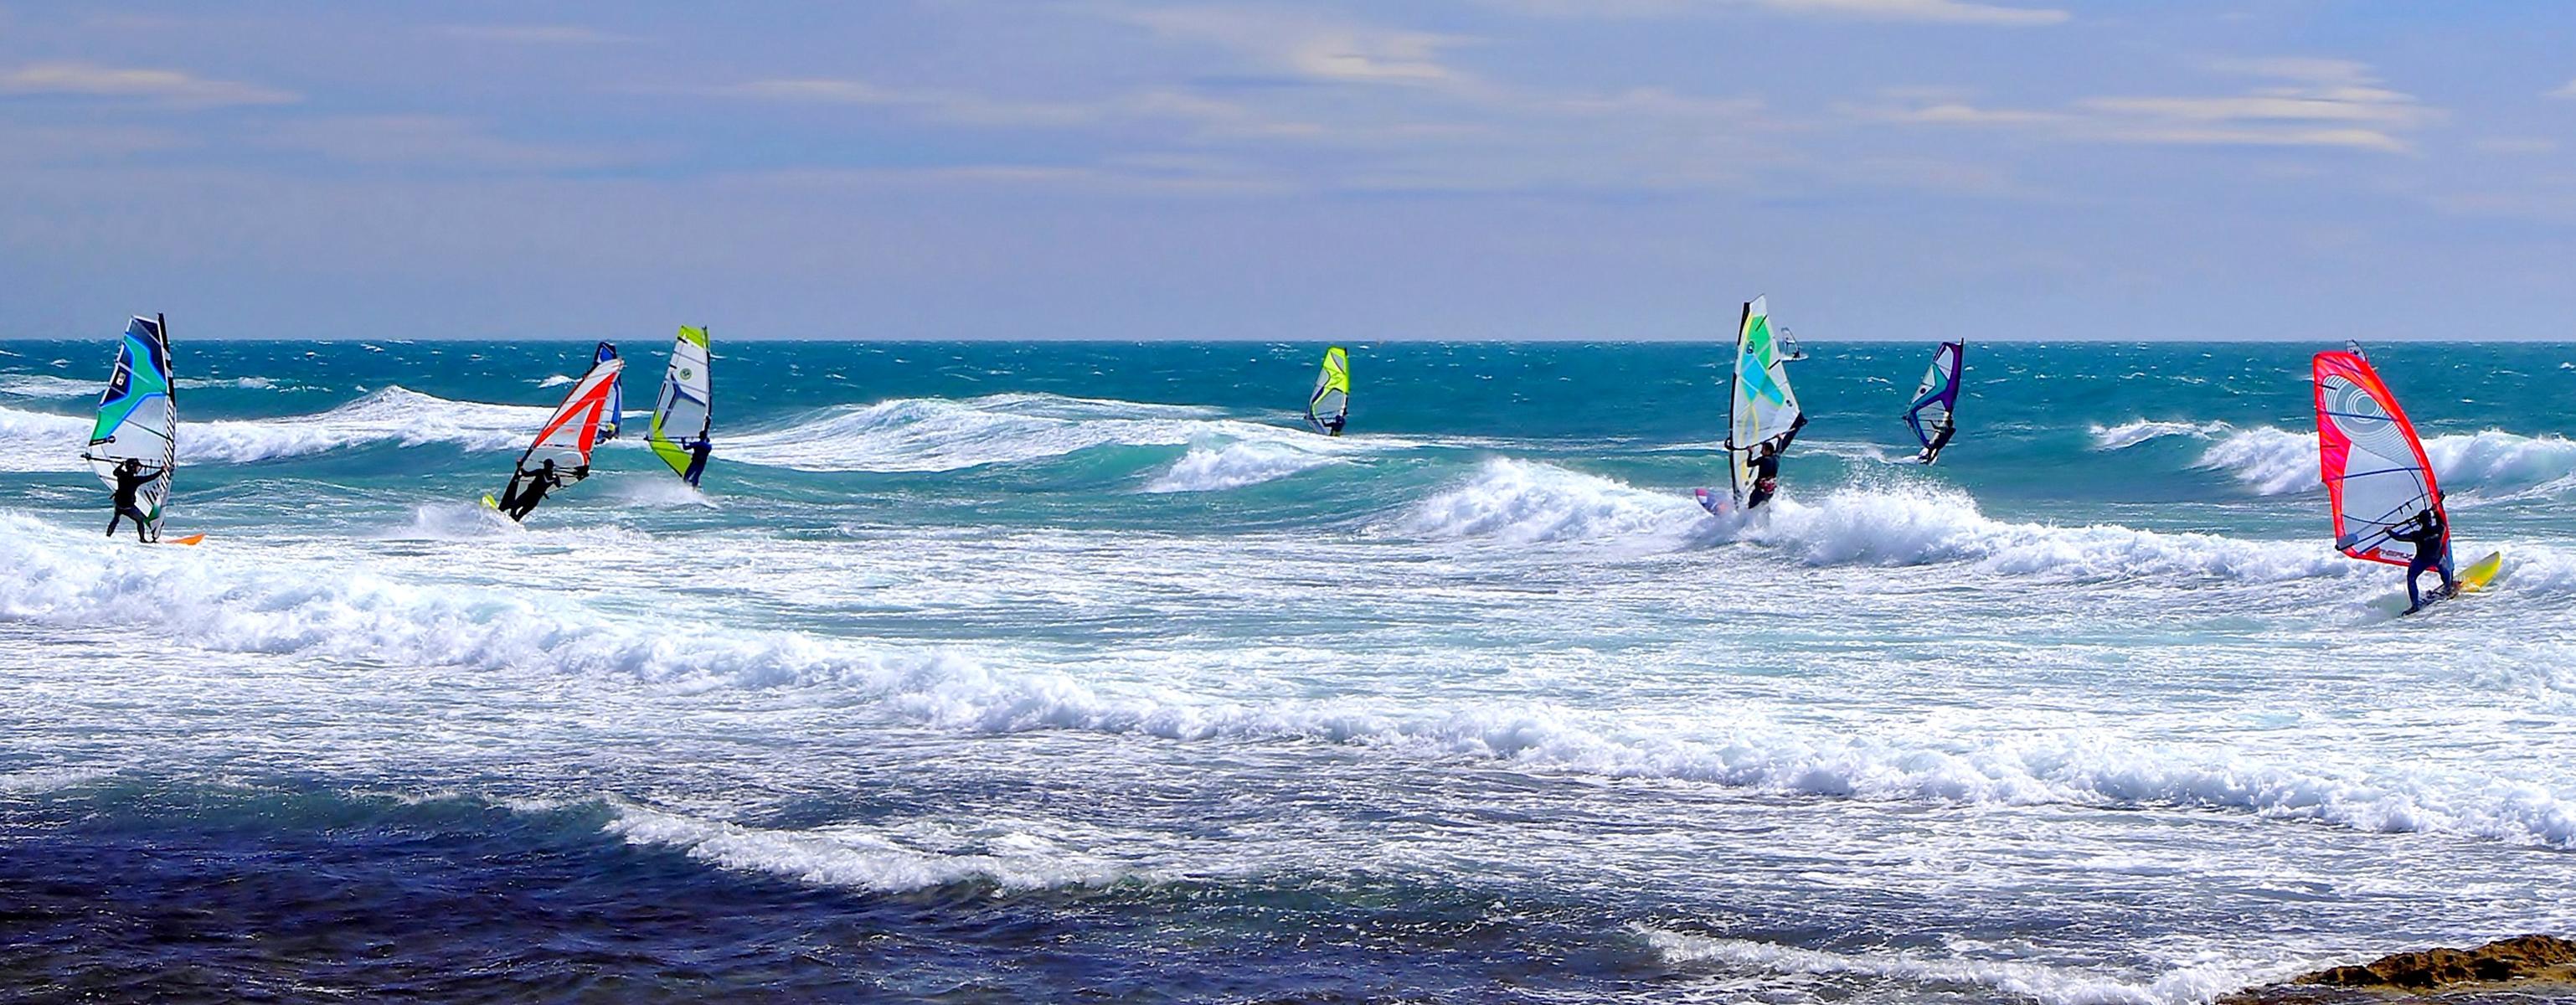 серфингист парус  № 3098851 бесплатно